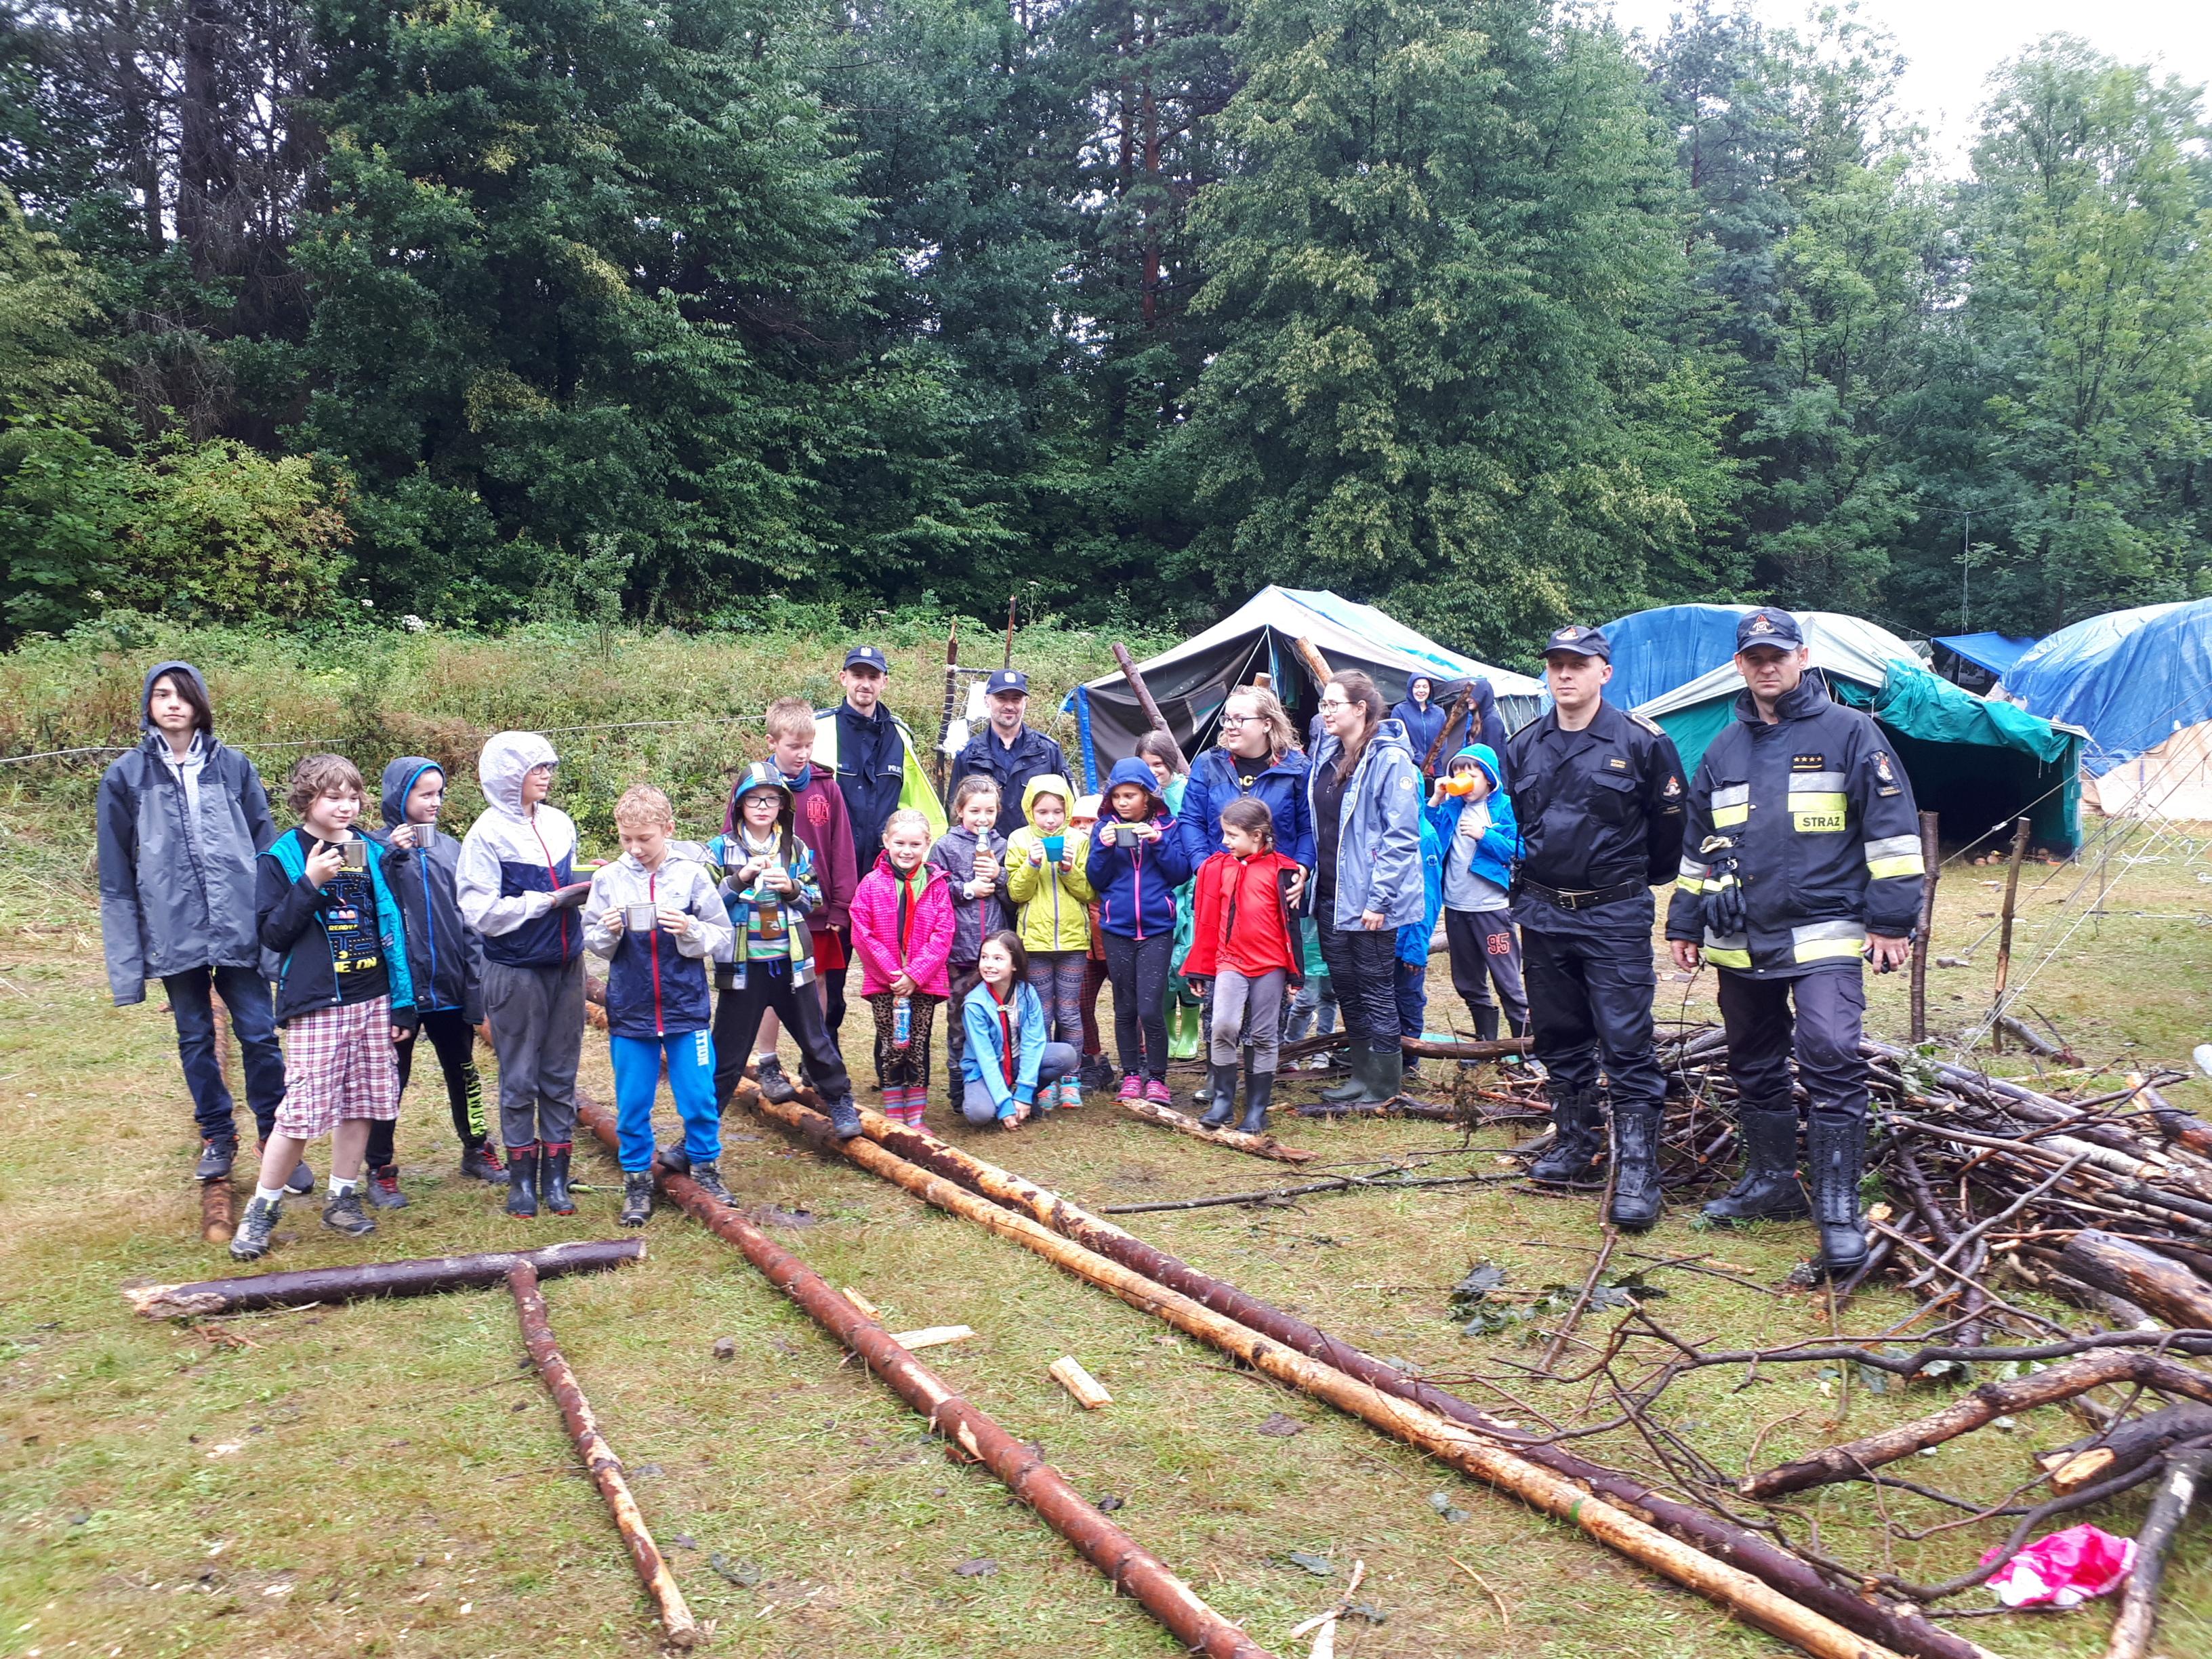 Ewakuowano ponad 100 uczestników obozu harcerskiego [AKTUALIZACJA]